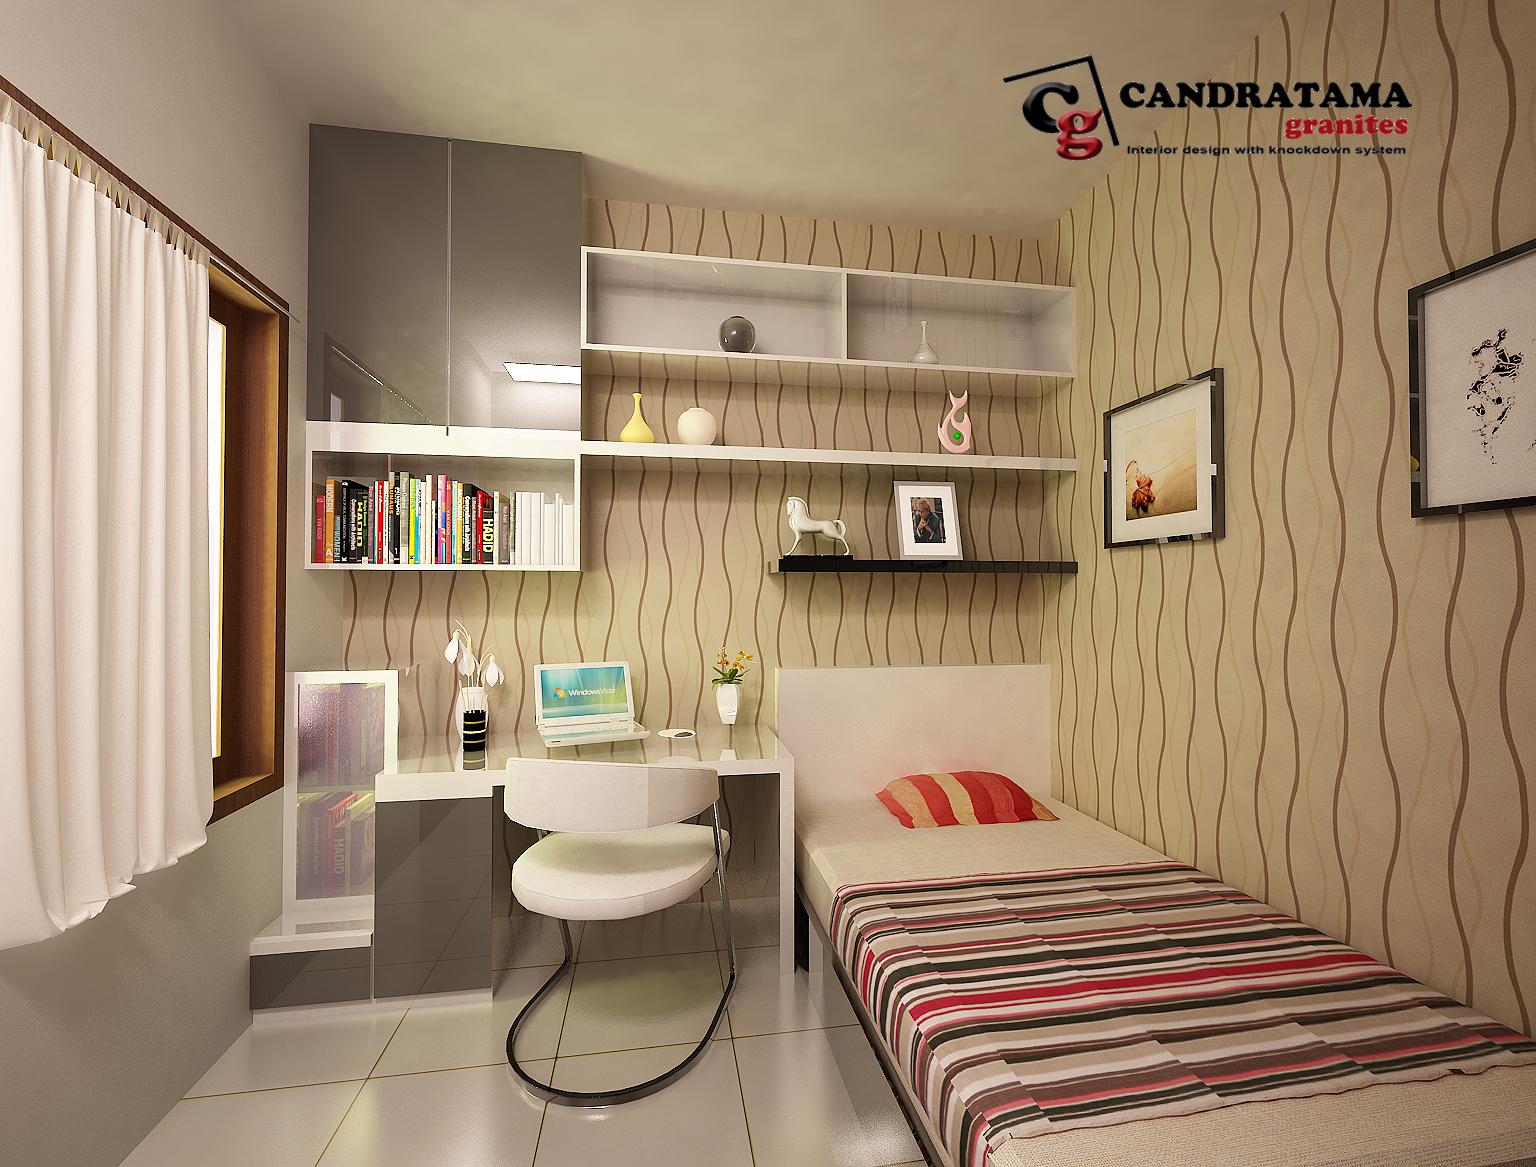 ... dalam kamar tidur anda Menambahkan terlalu banyak warna didalam kamar tidur yang memiliki lahan terbatas justru akan memberikan efek lebih sempit! & Cara Menata atau Mendesain Kamar Tidur yang Sempit | Desain ...